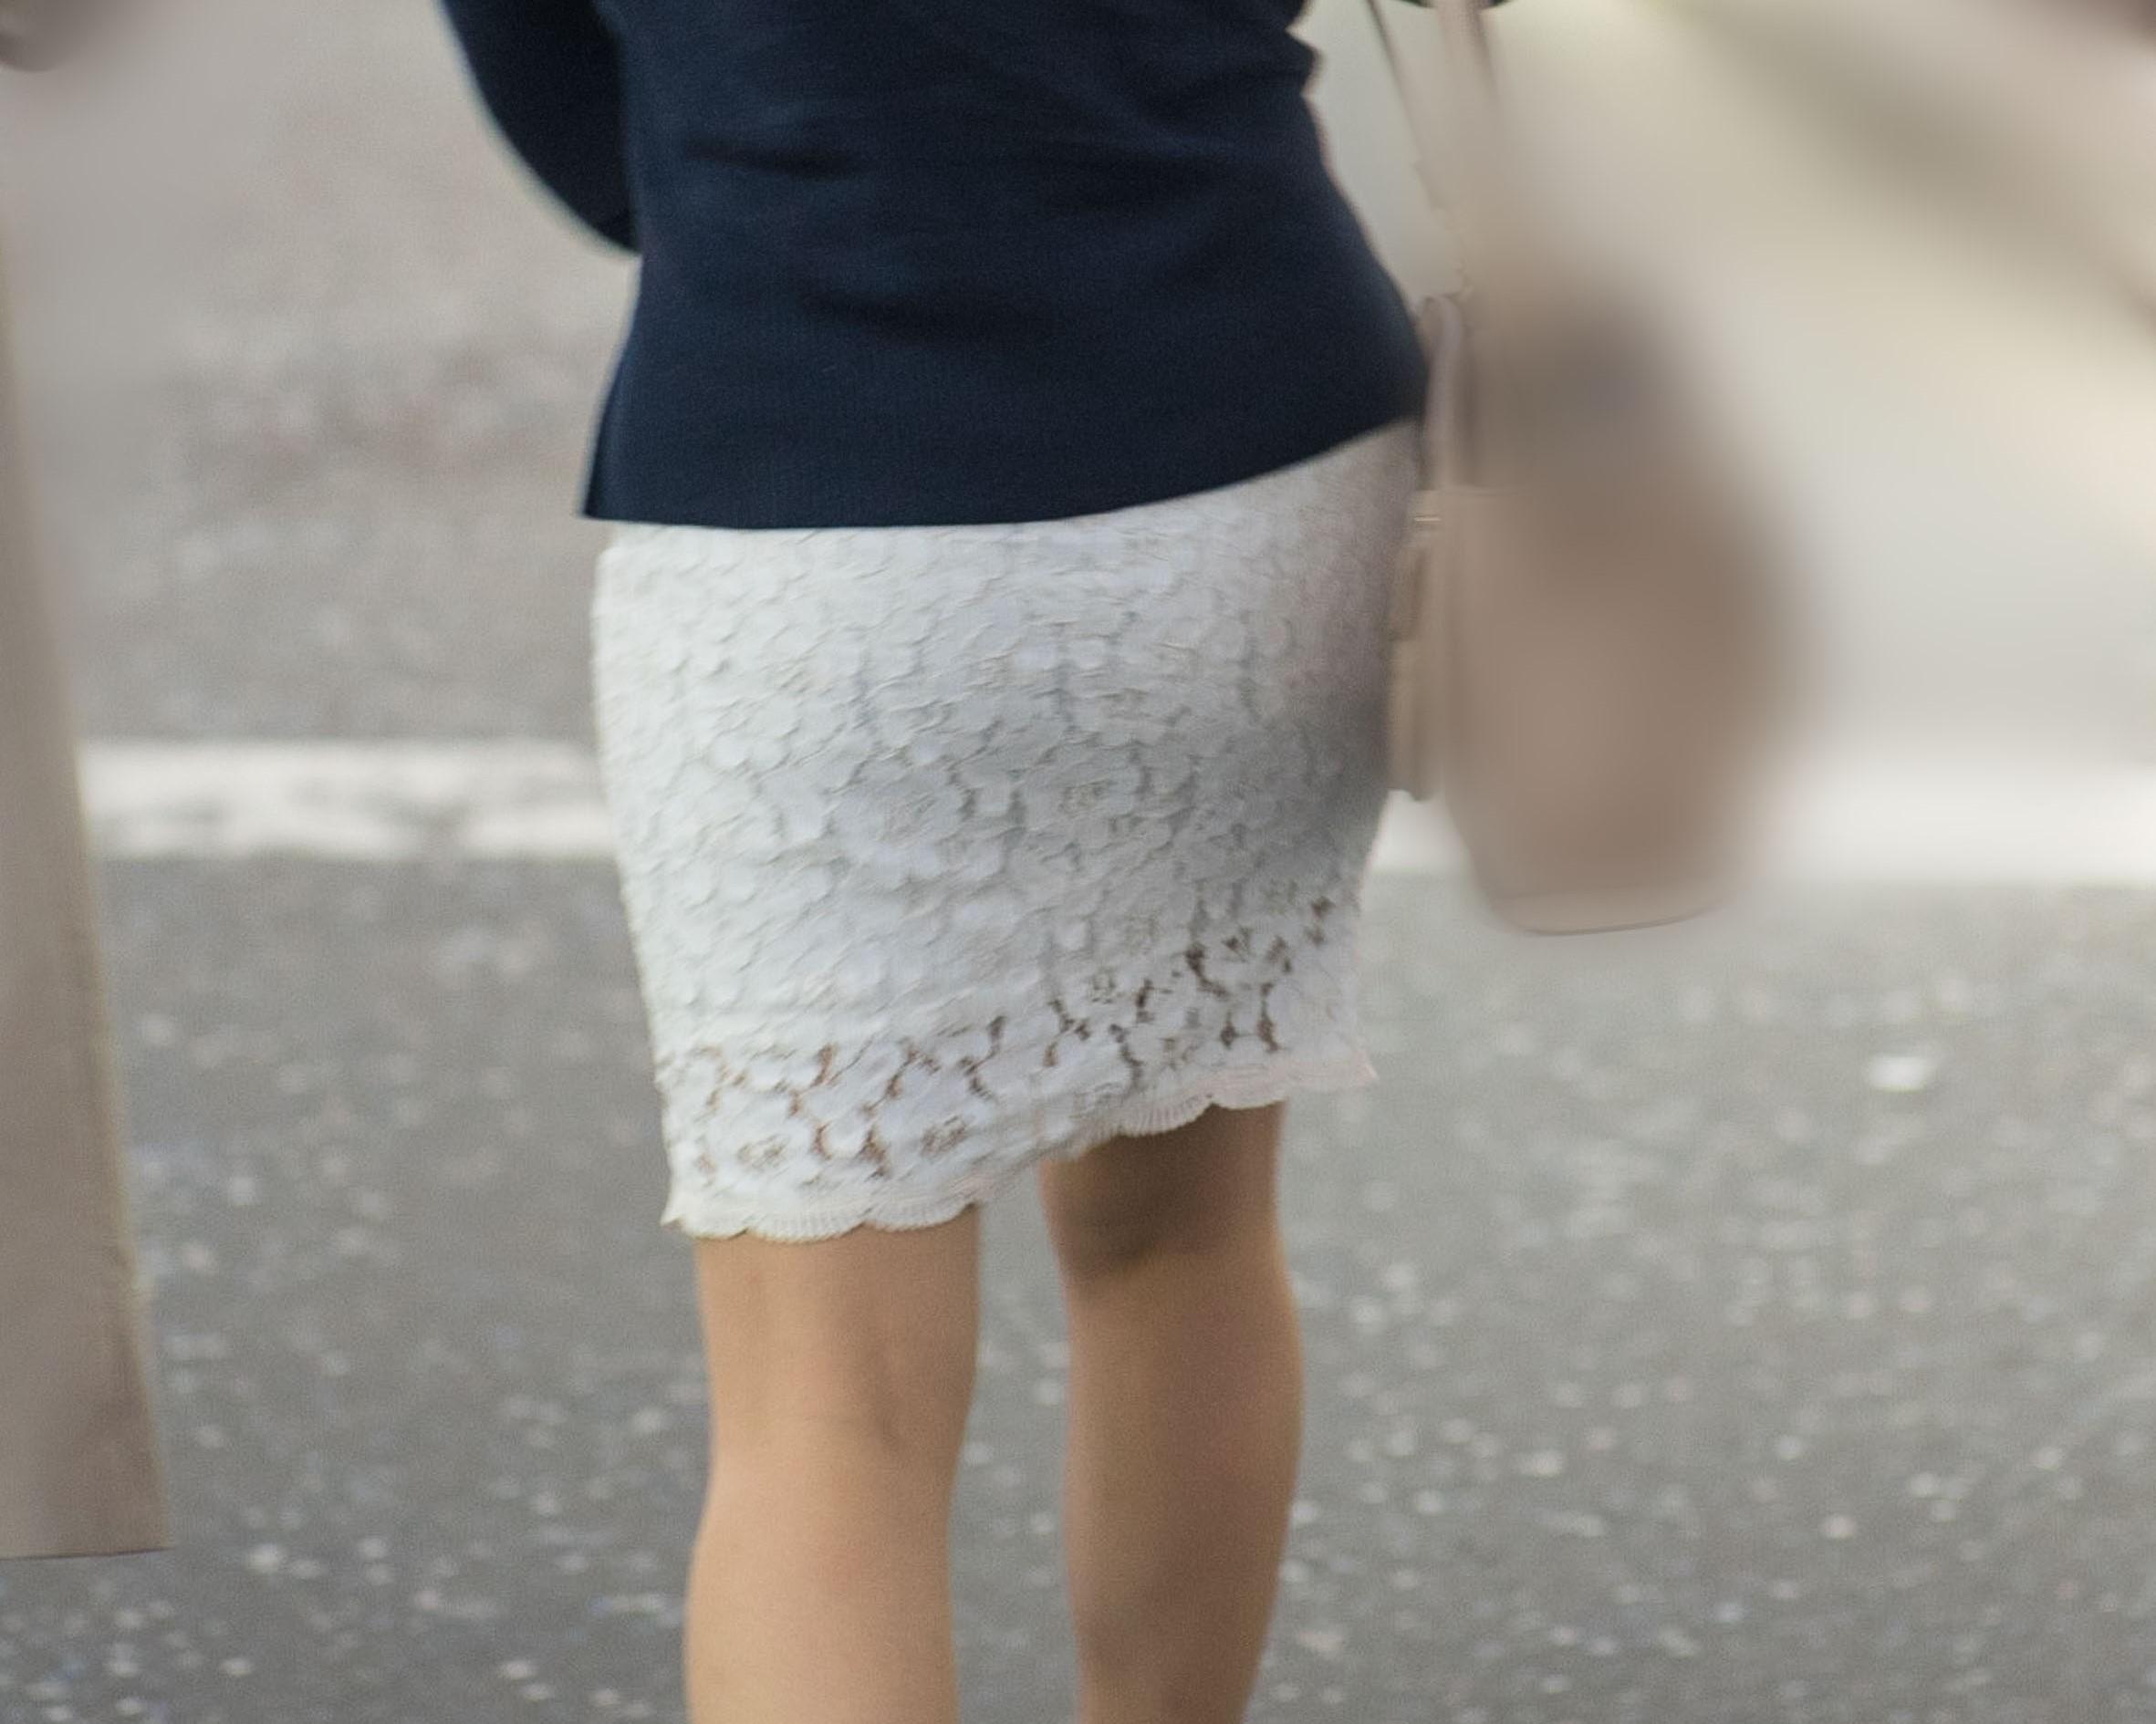 スタイルいいね! タイトな白のレースミニスカでプリケツ丸出しのお嬢さん!